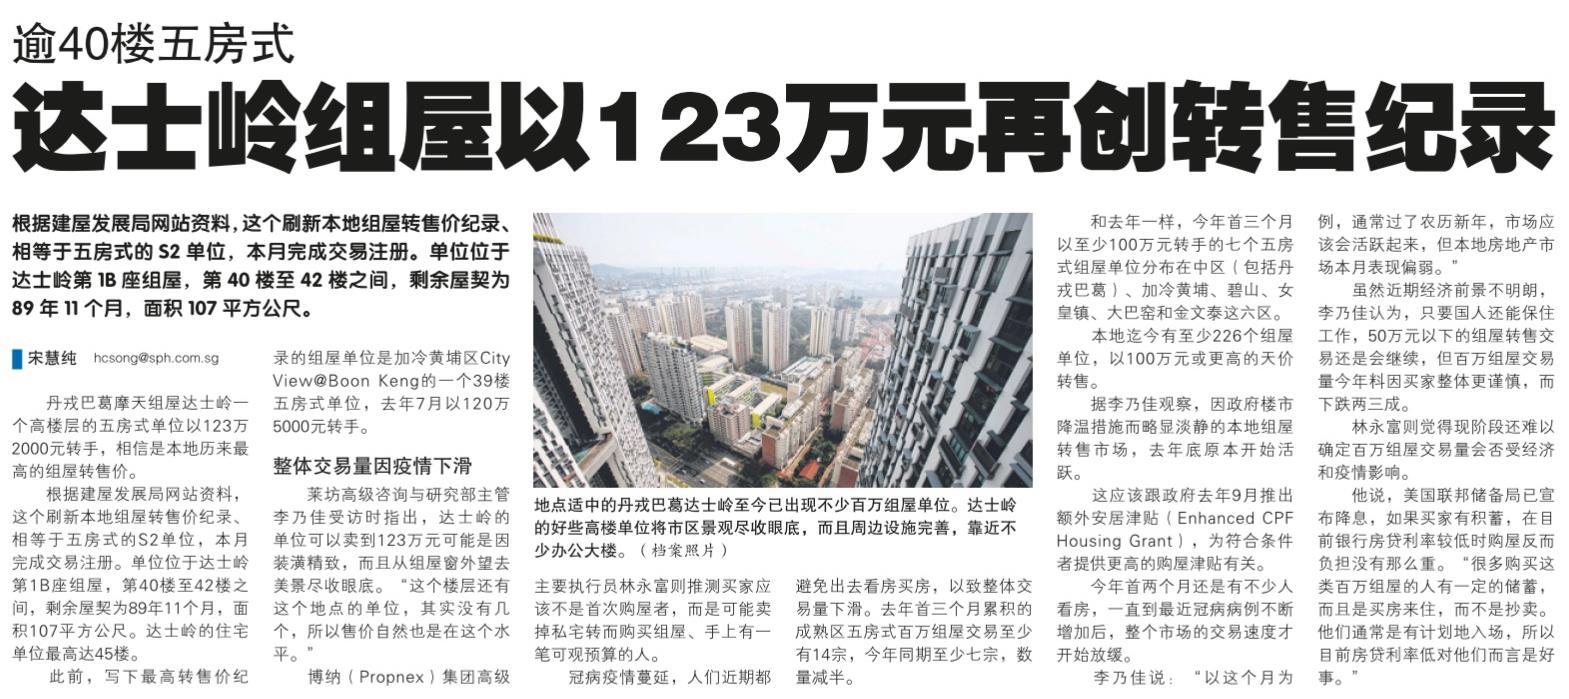 逾40楼五房式,达士岭组屋以123万元再创转售纪录.jpg